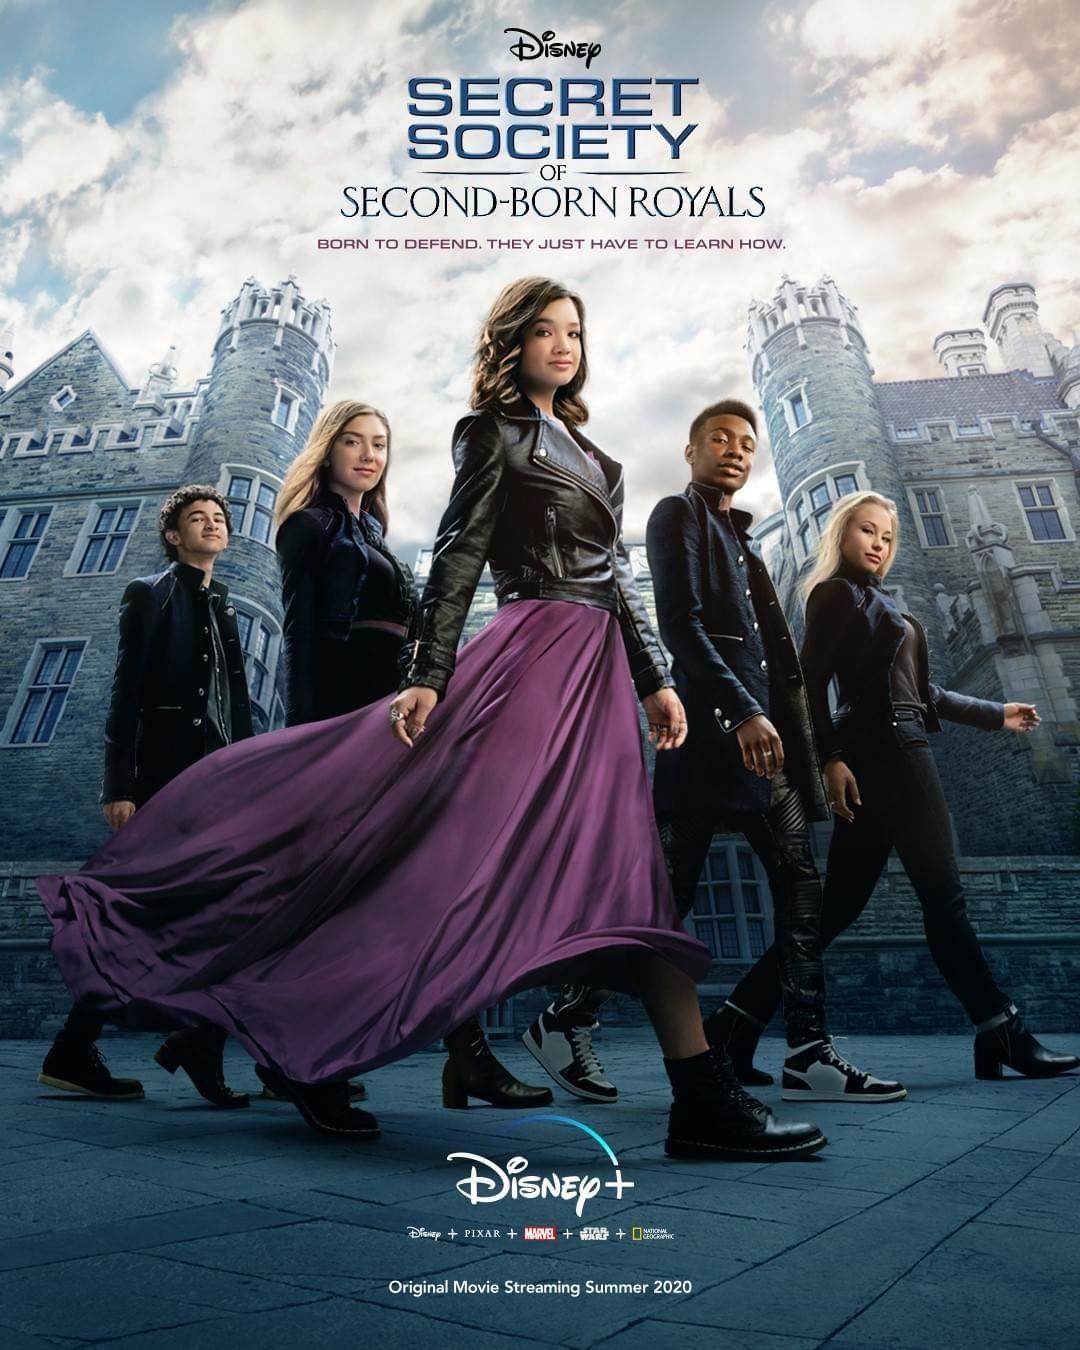 【皇室次子女秘密会社/Secret Society of Second-Born Royals】[WEB-HR][中英双字]